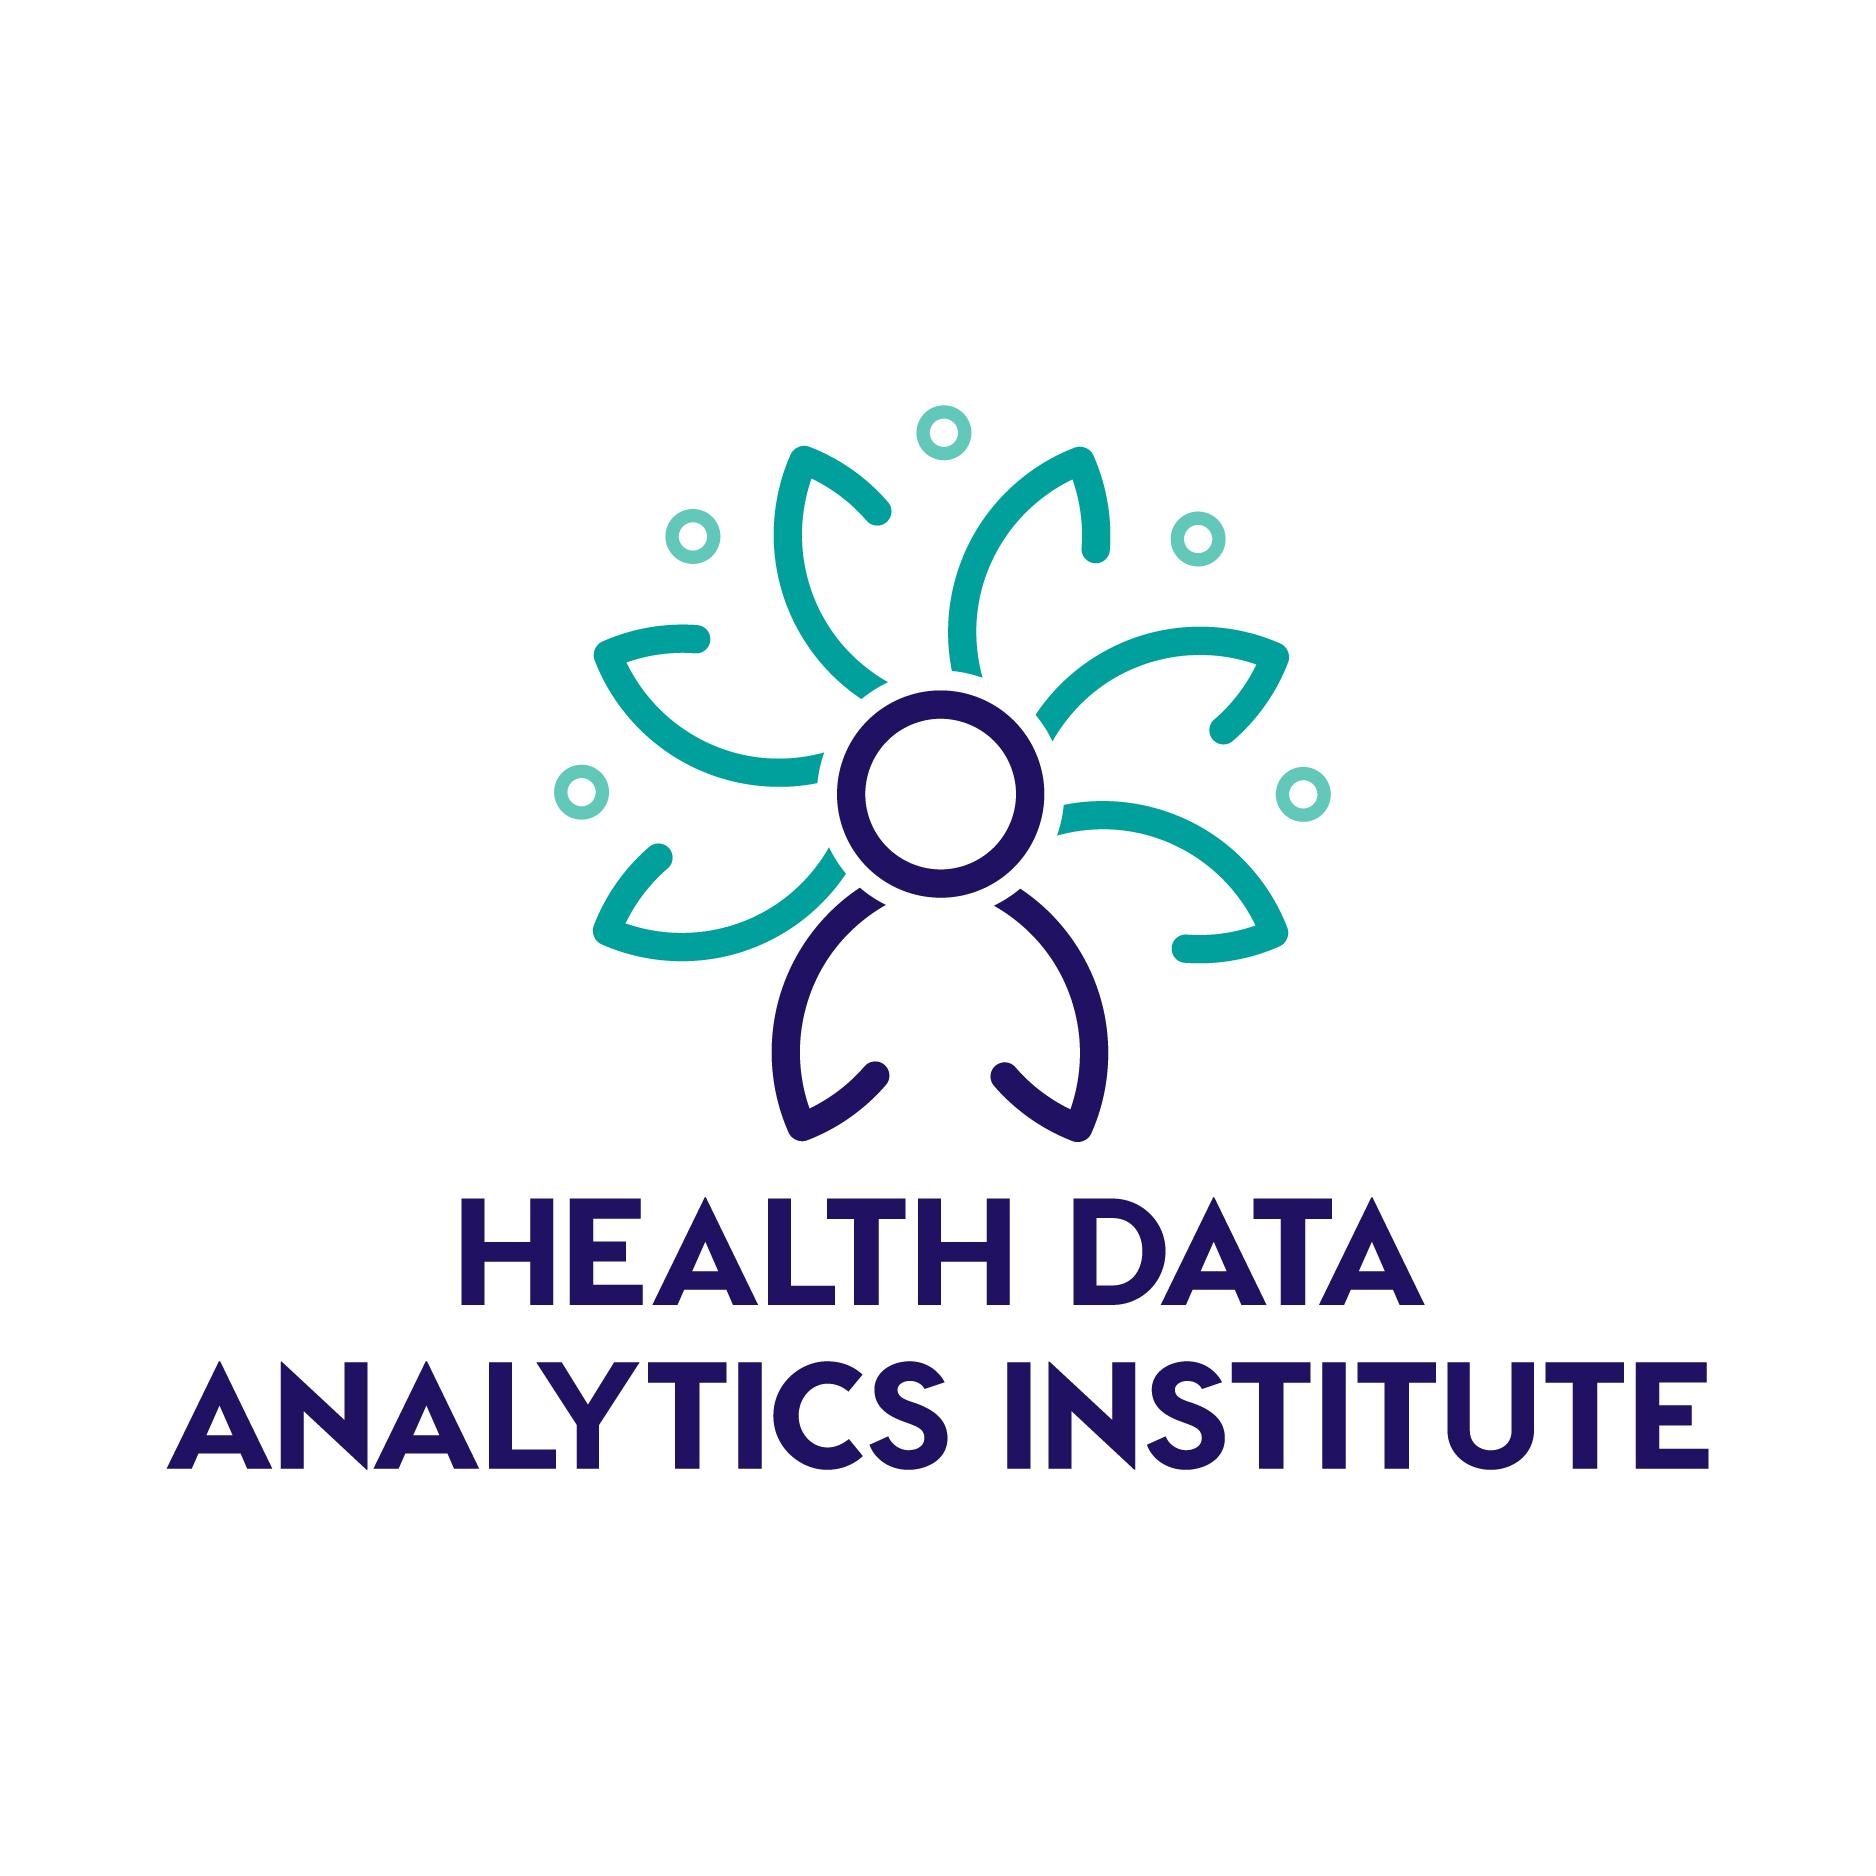 Health Data Analytics Institute (Vertical)